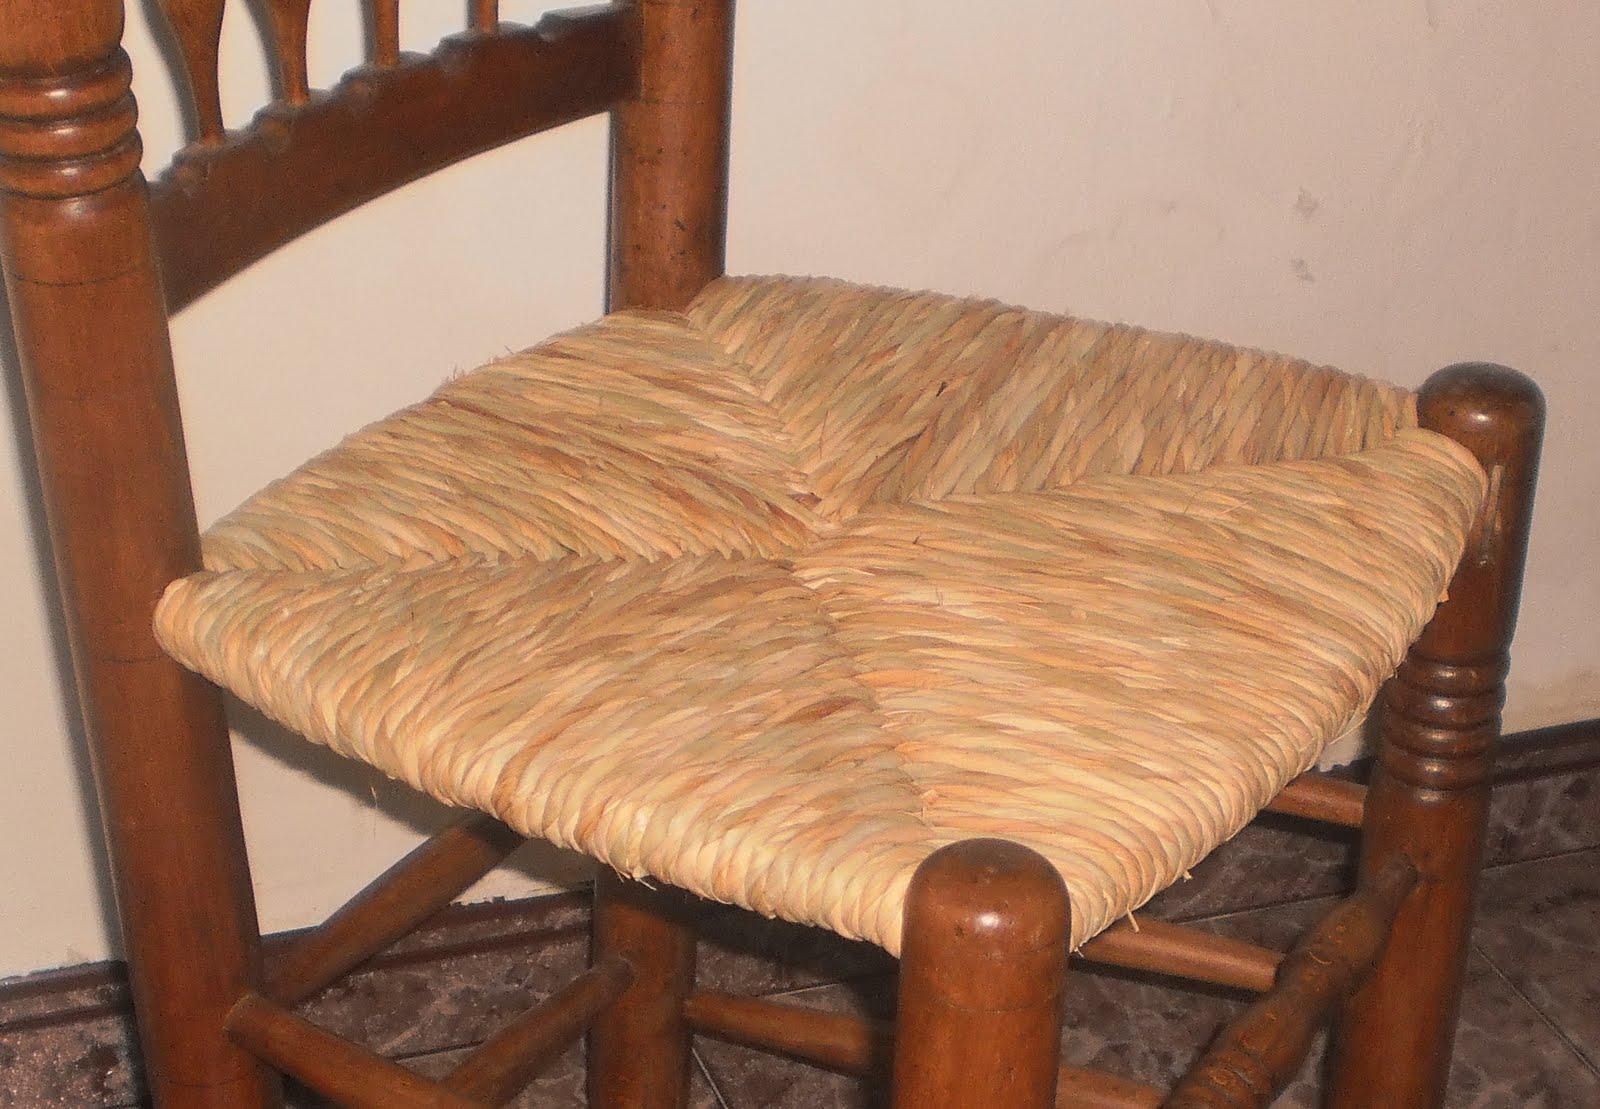 Fabrica de sillas de madera pauli sillas y mesas de madera para hosteleria y hogar - Restaurar sillas de madera ...